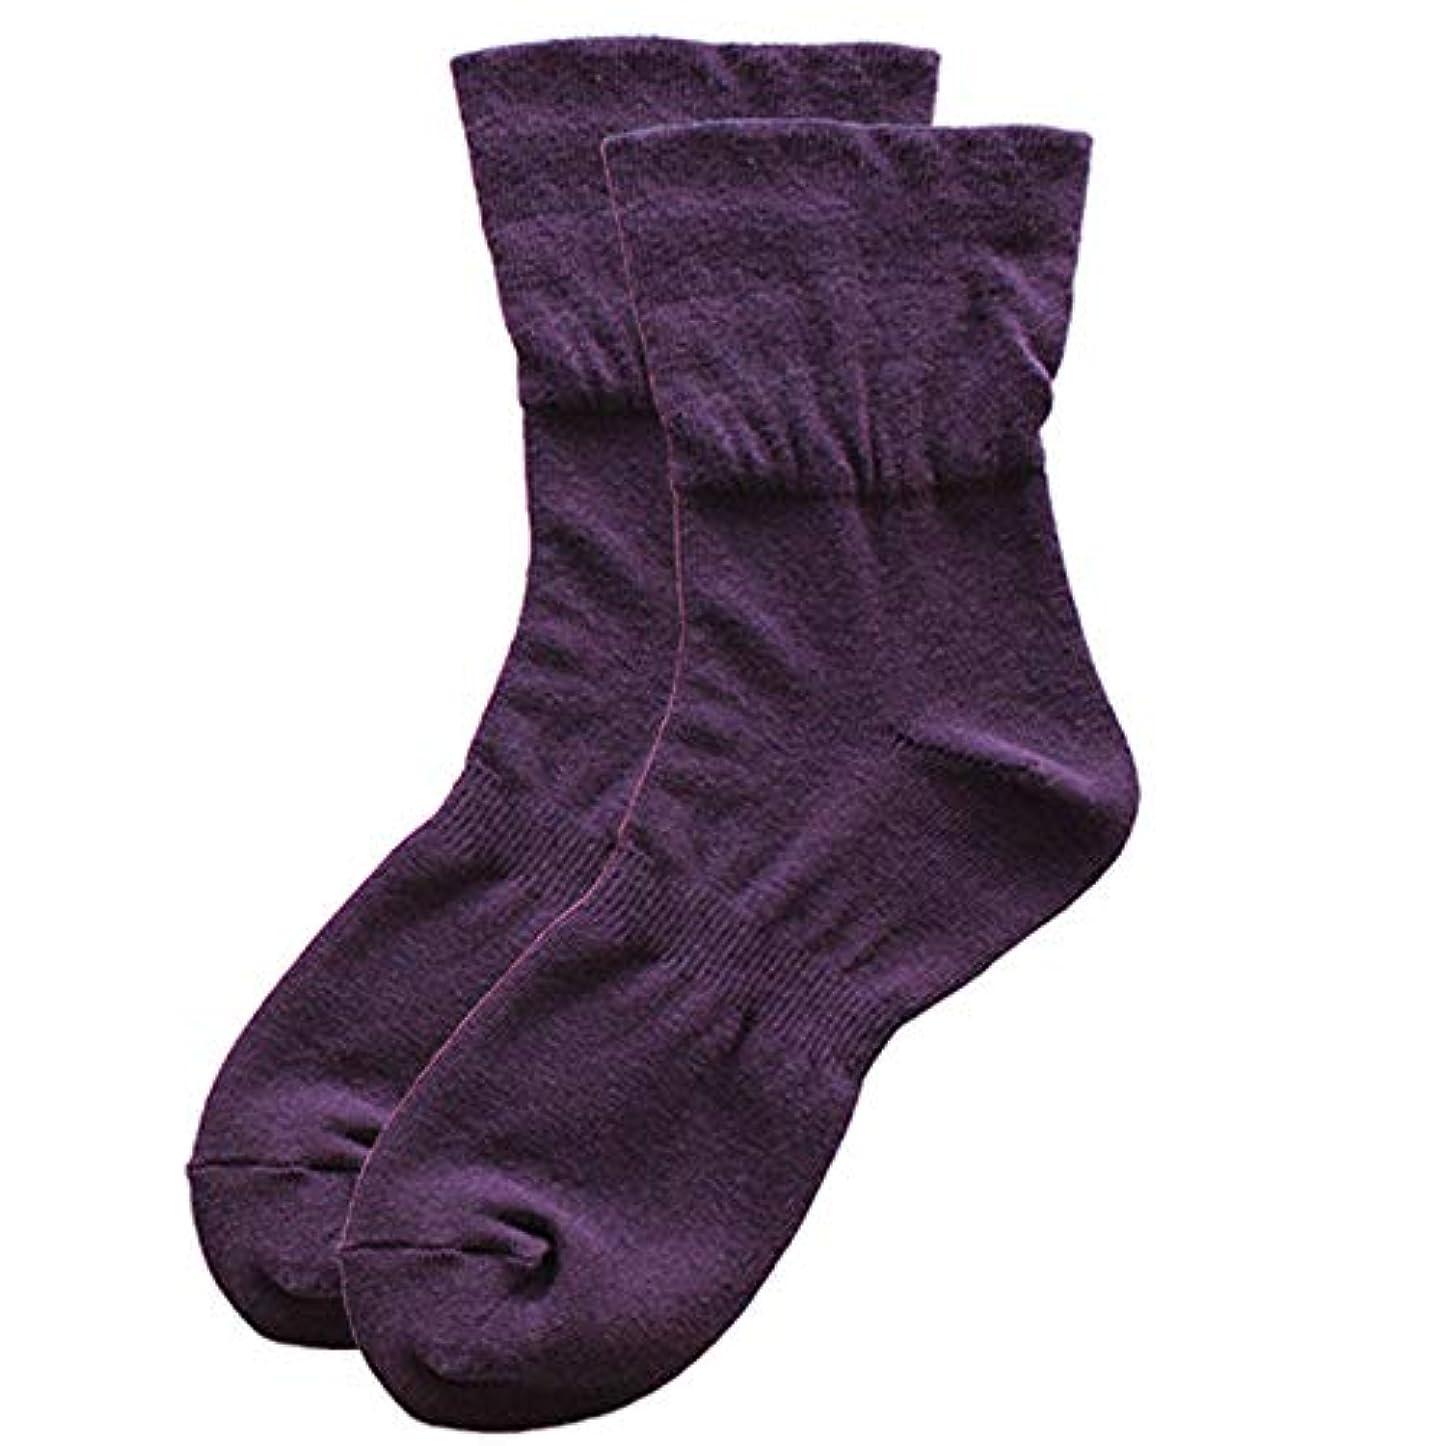 静かな宣言酸度歩くぬか袋 締めつけない靴下 23-25cm パープル